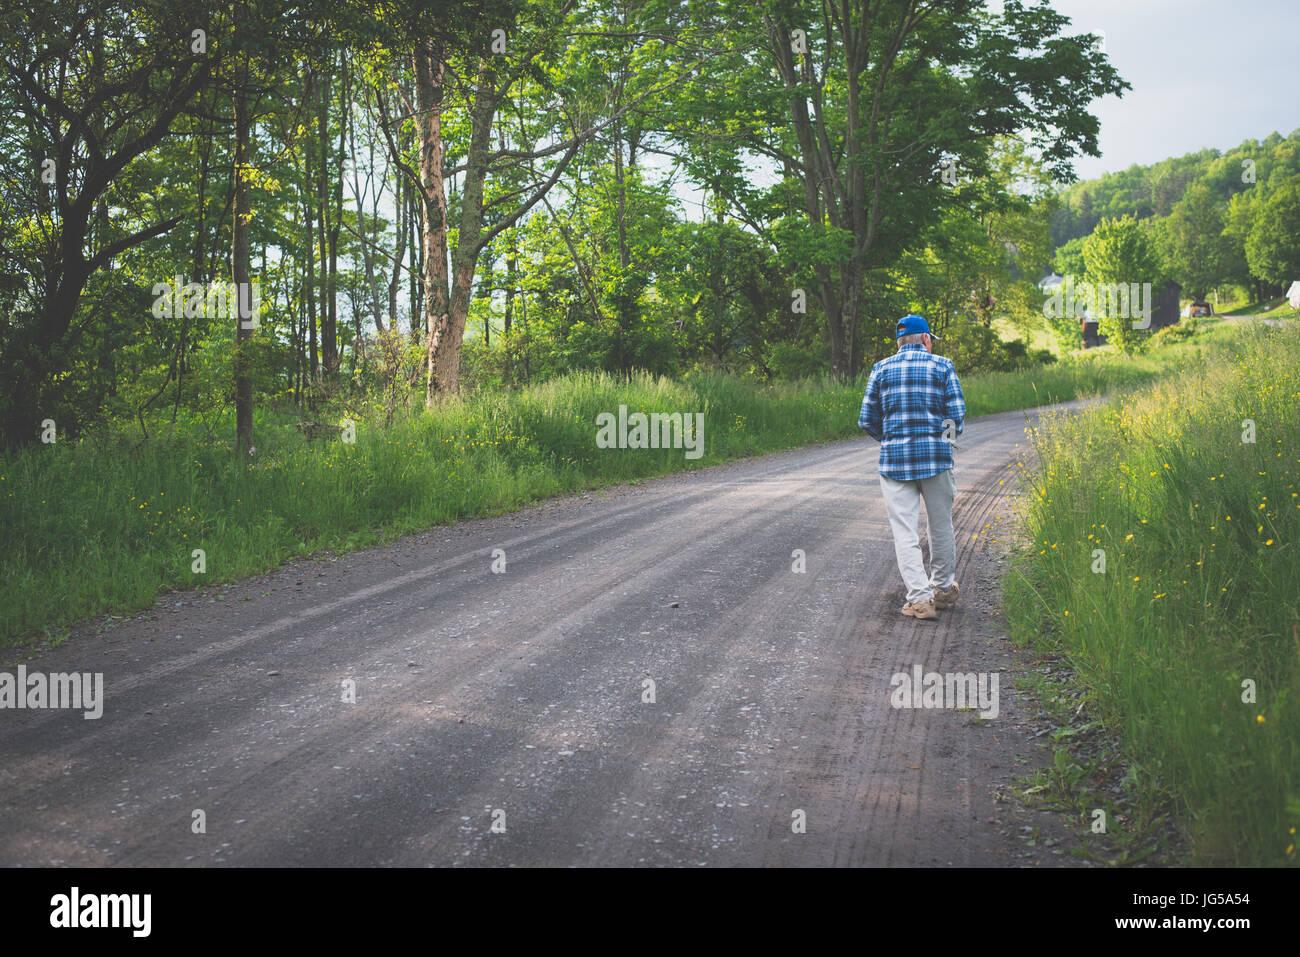 Un vecchio uomo cammina da solo sulla strada di un paese. Immagini Stock